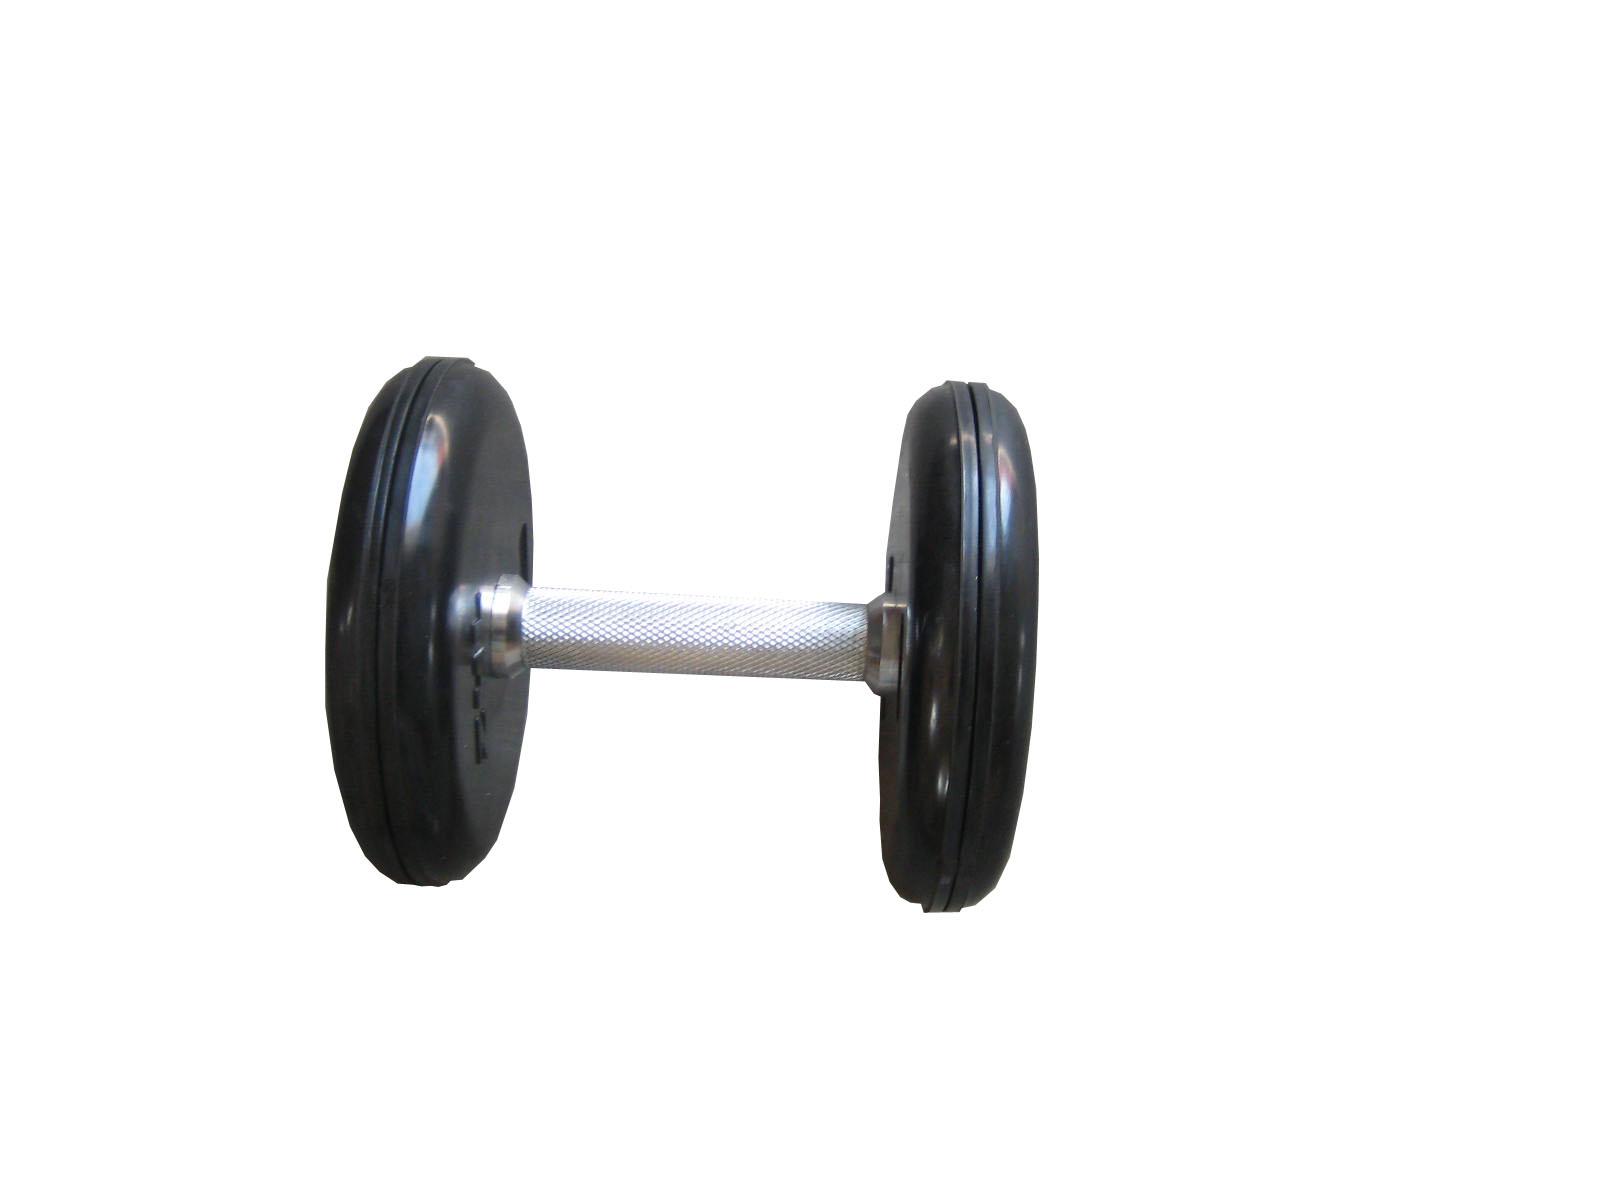 Činky jednoruční pogumované 10kg Jednoručky pogumované 10kg